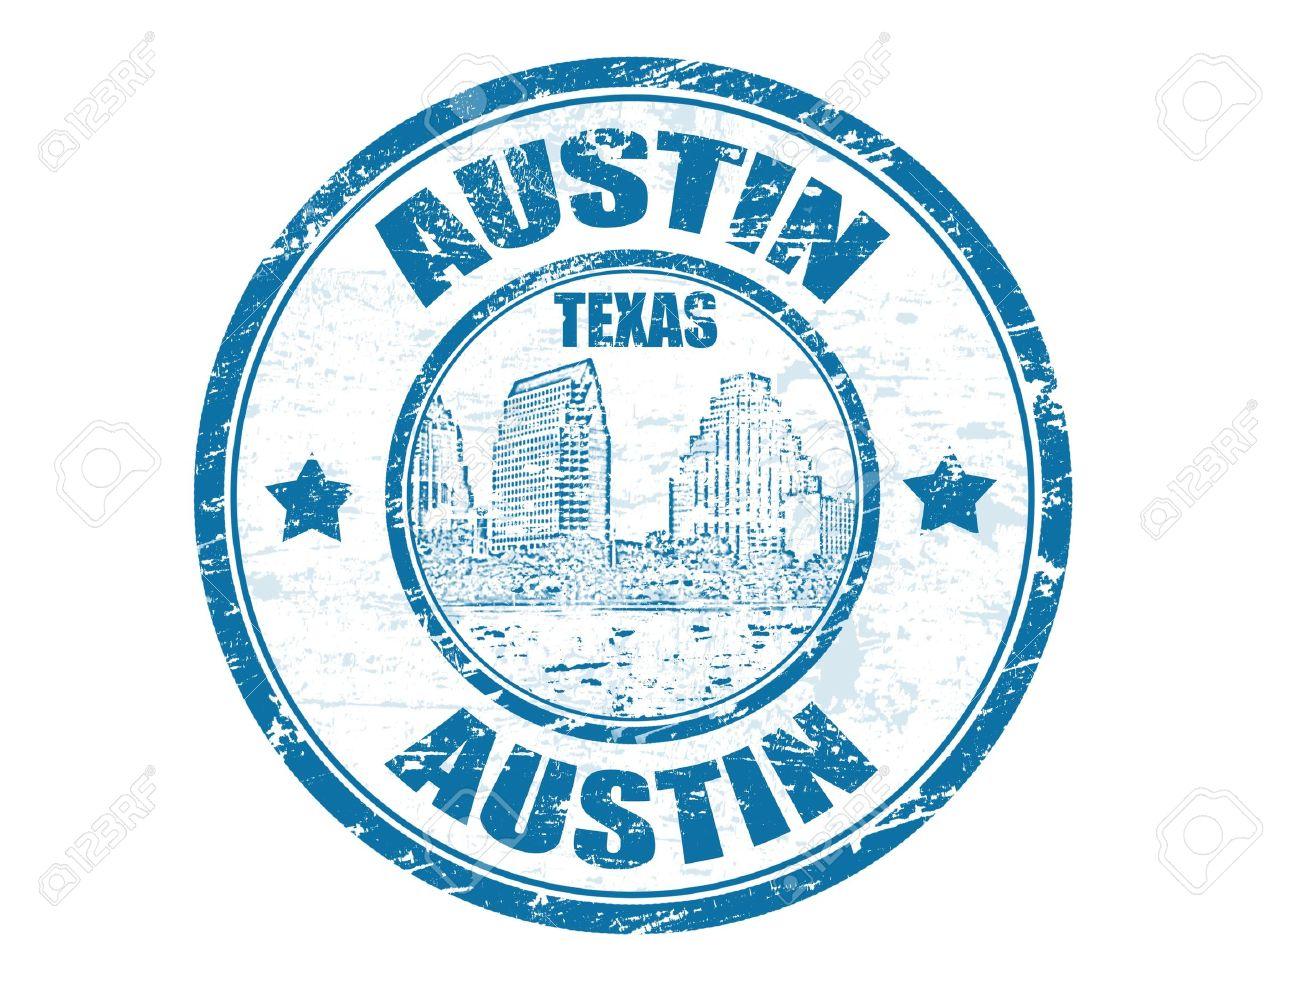 Austin tx clipart.